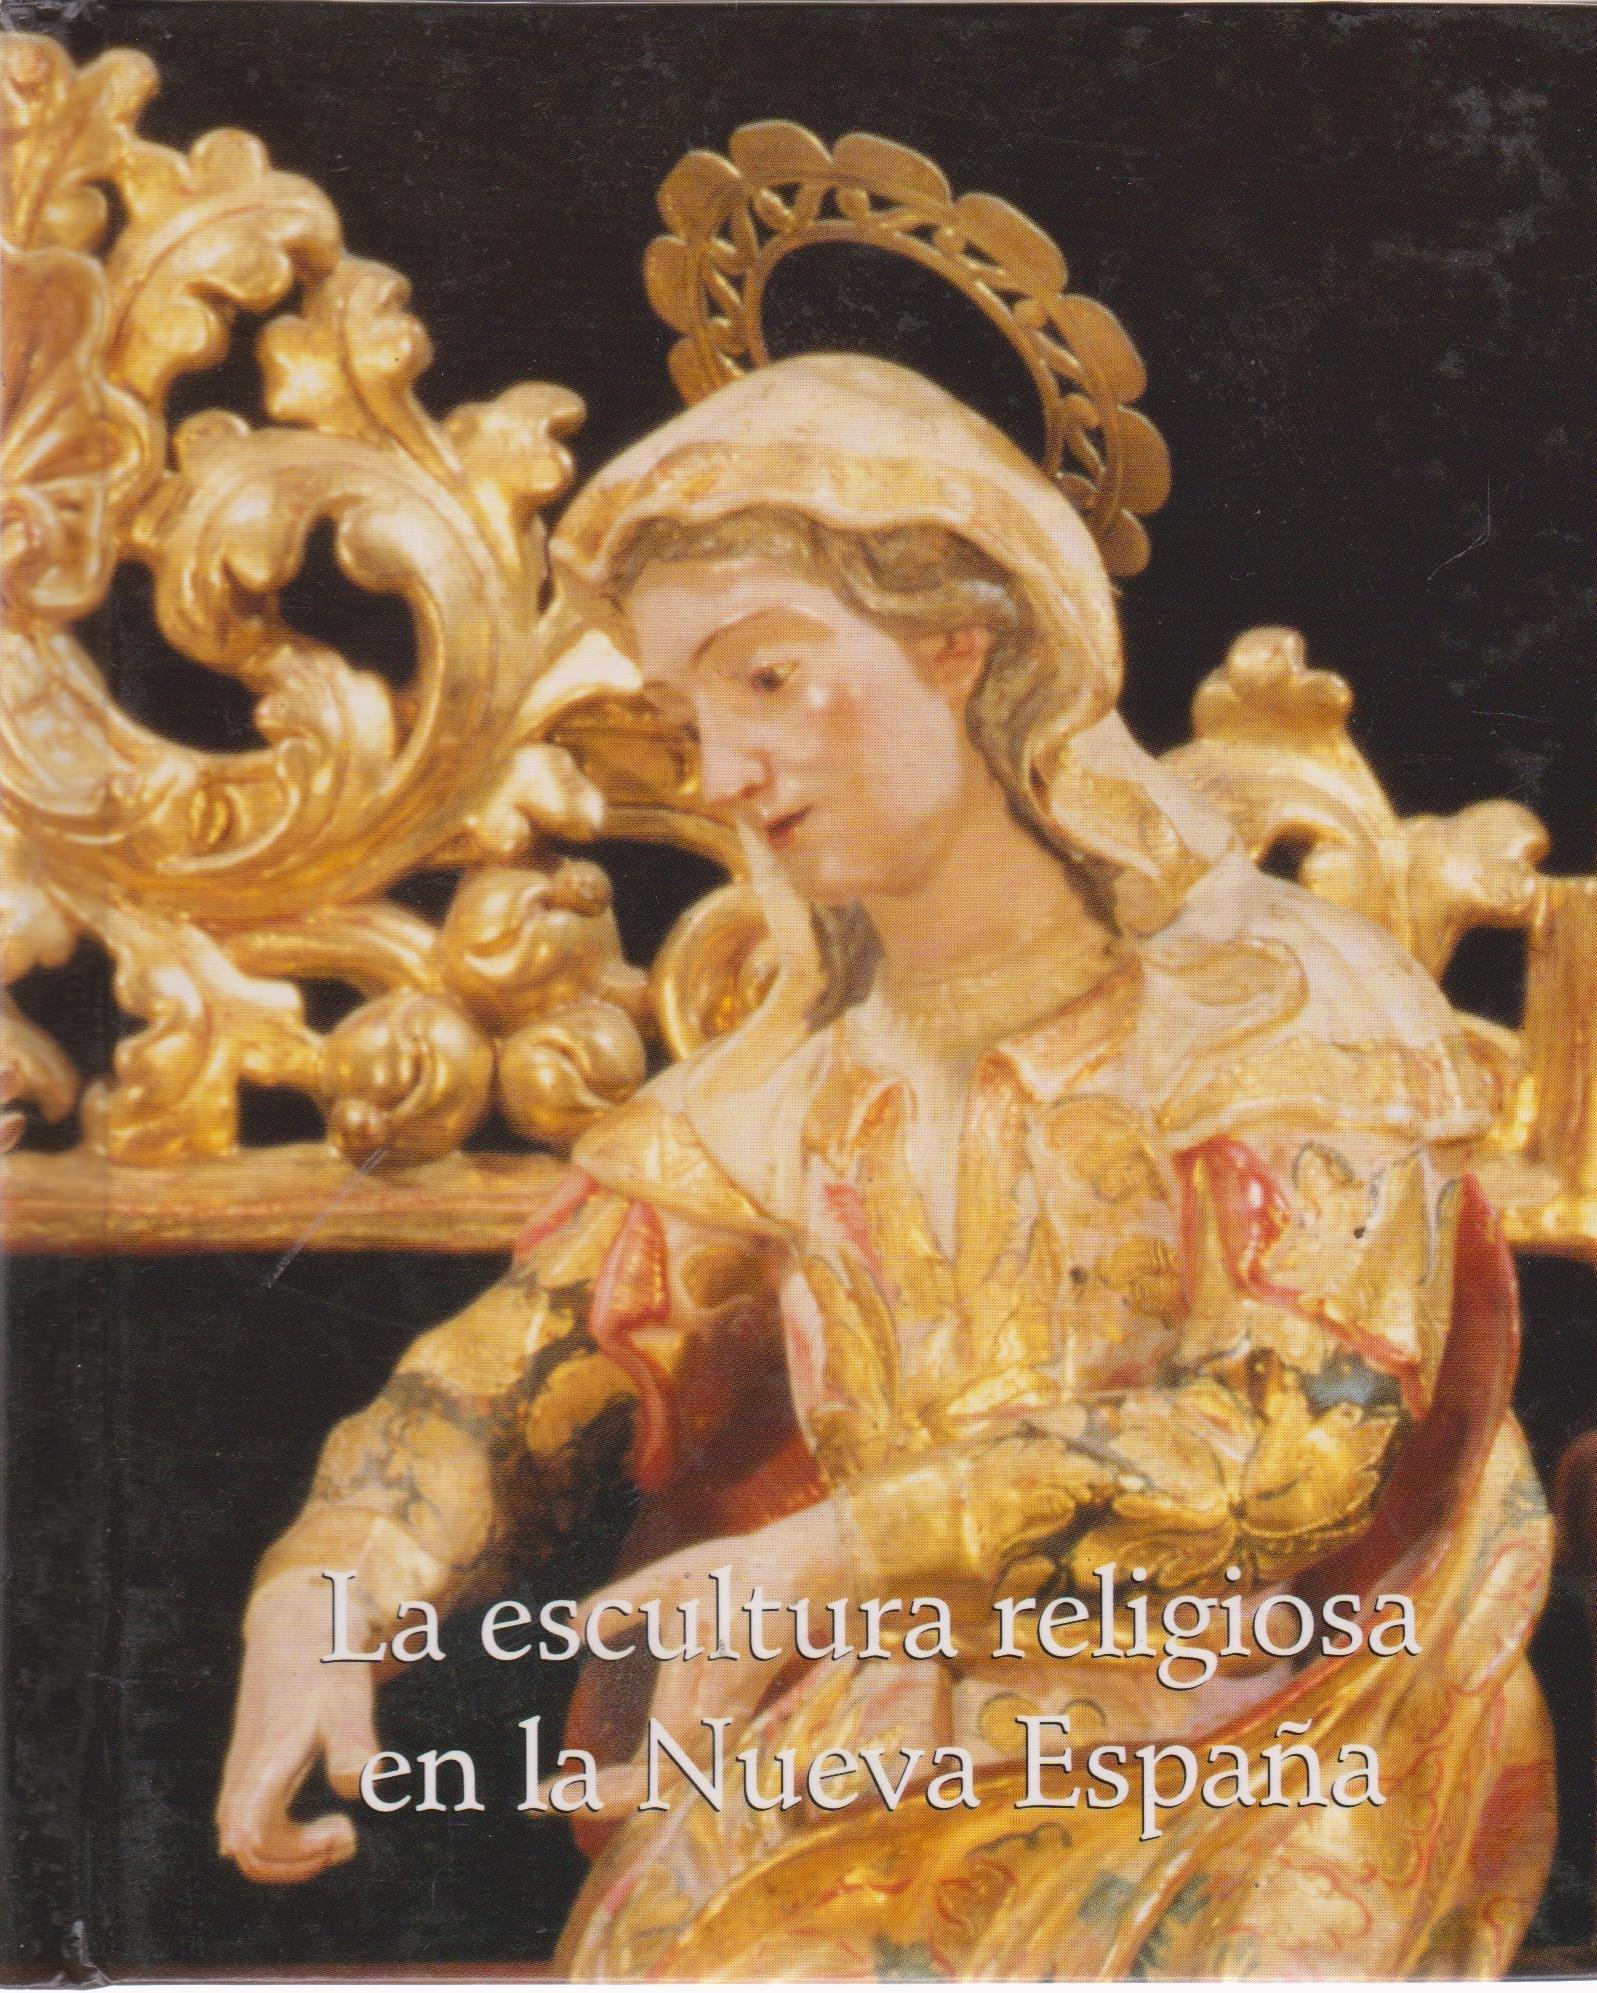 La escultura religiosa en la nuevaespaña: Amazon.es: MAQUIVAR, M.C.: Libros